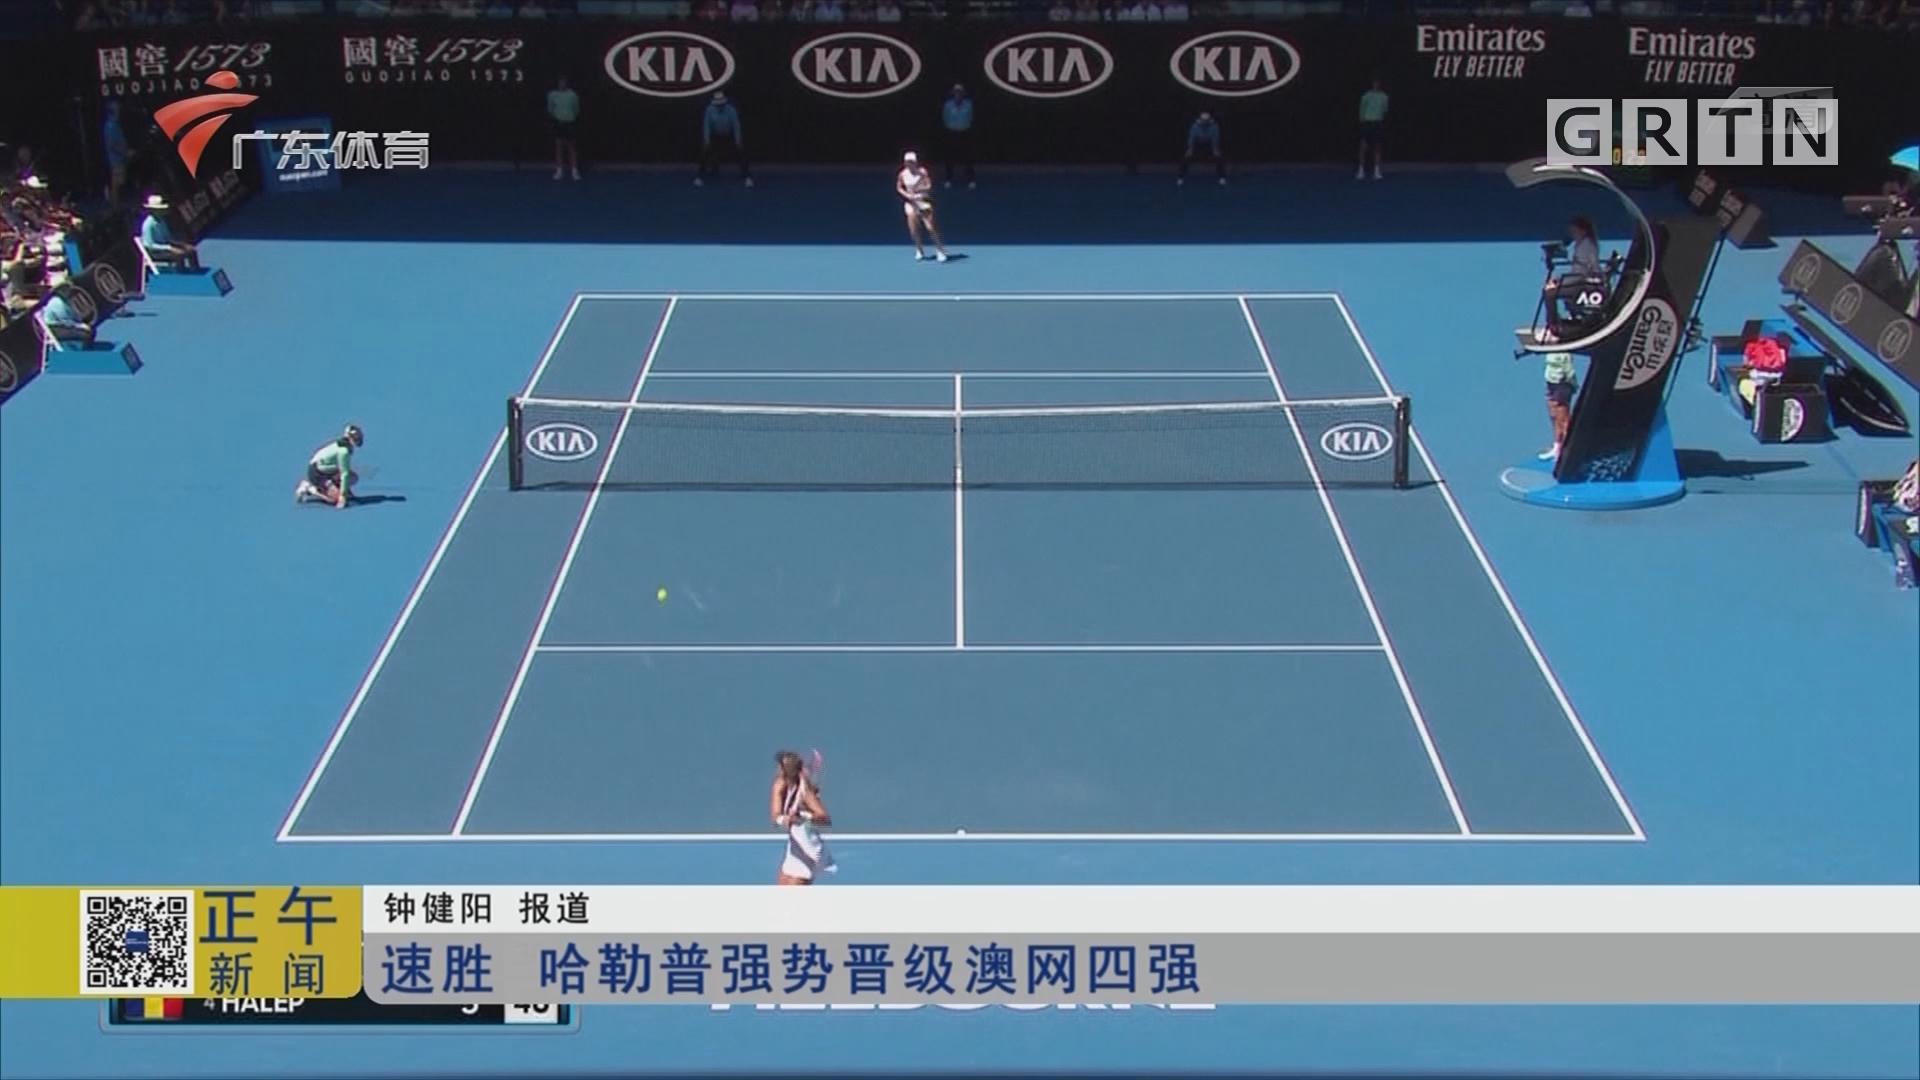 速胜 哈勒普强势晋级澳网四强